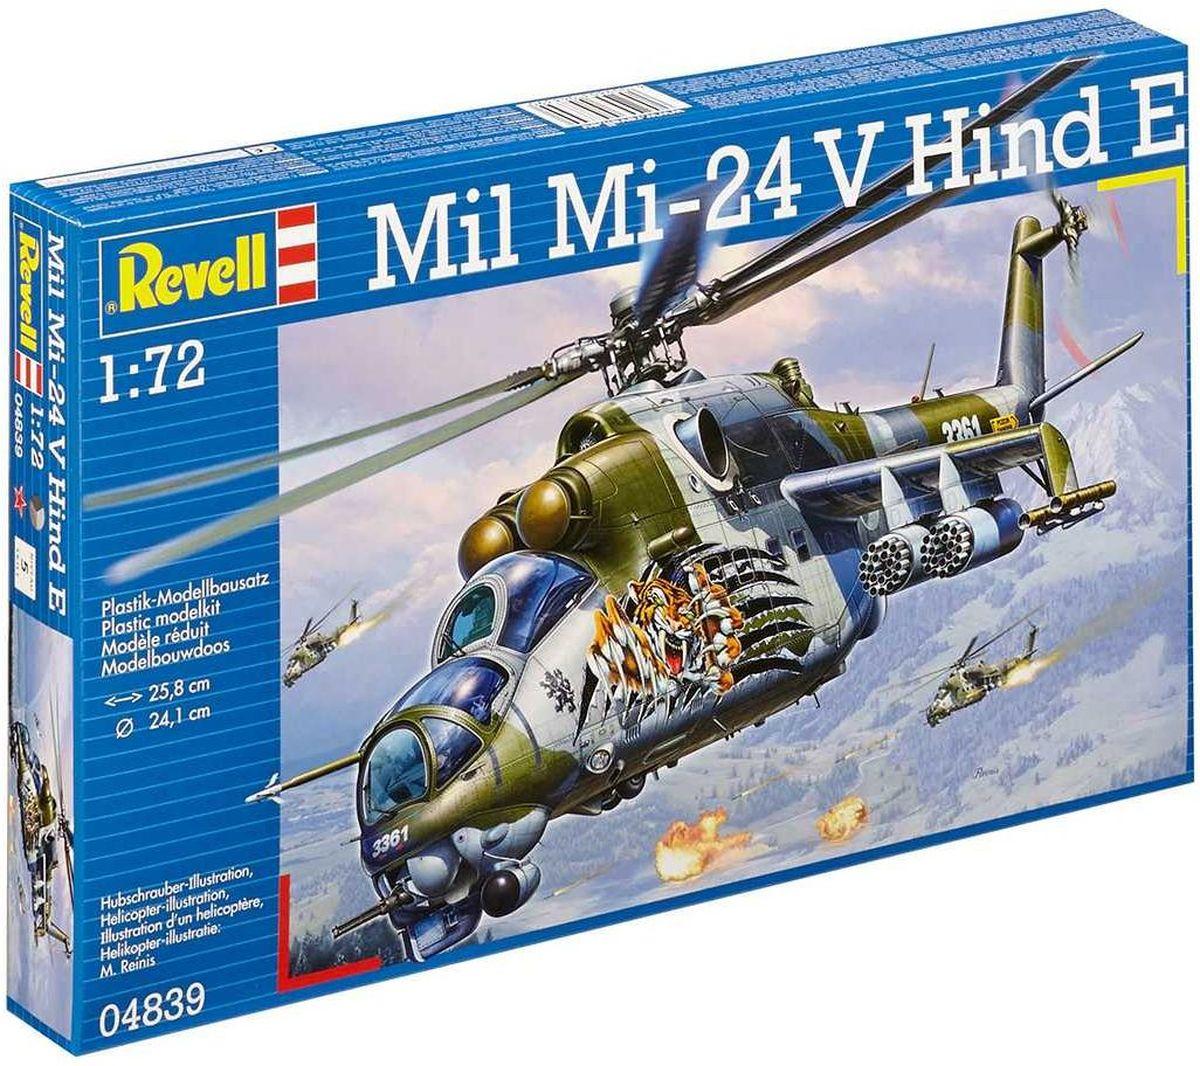 Revell Сборная модель Вертолет Ми-24 Лань